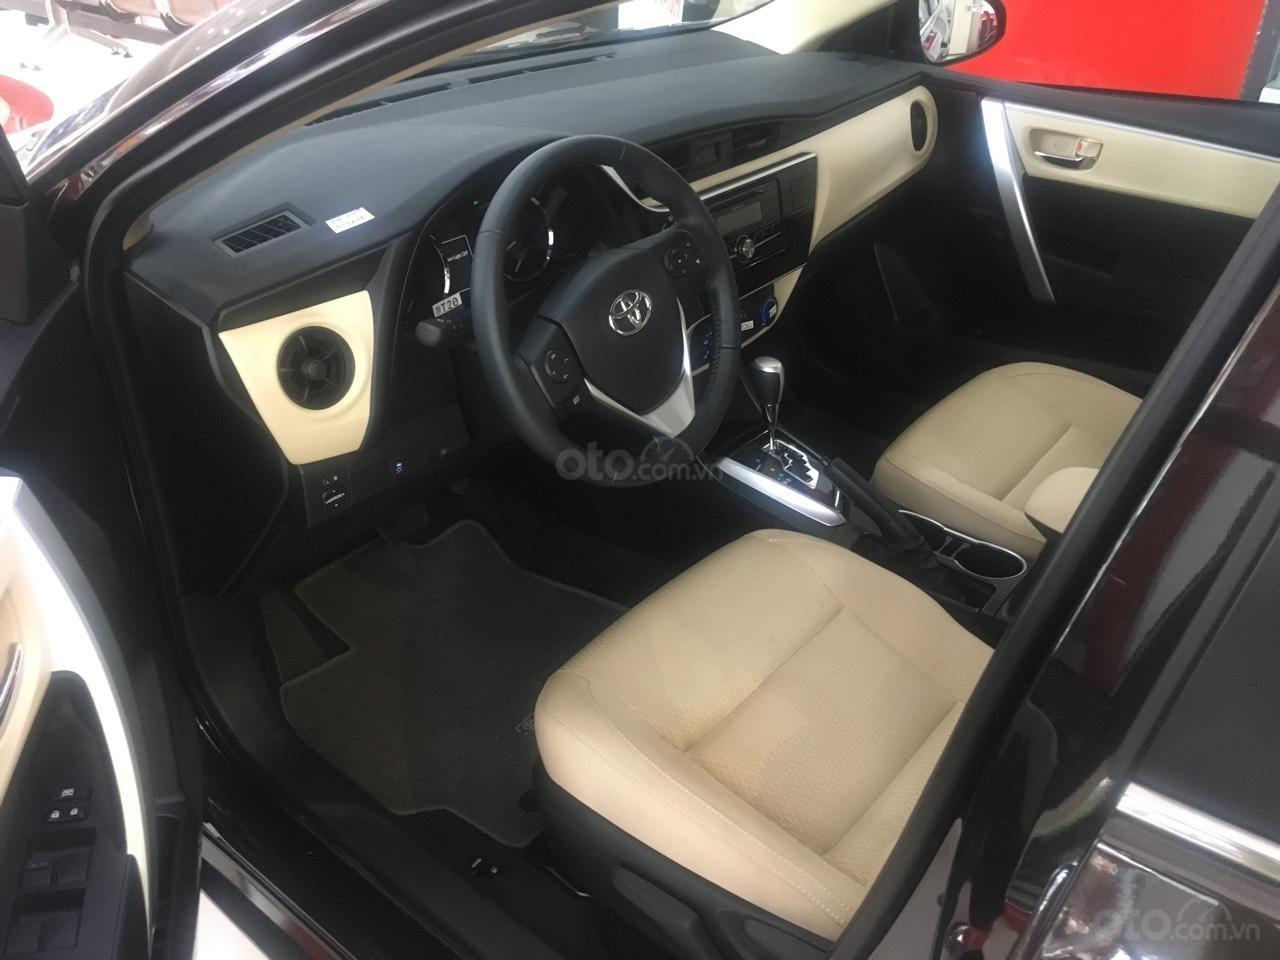 Bán Toyota Corolla Altis 1.8E CVT số tự động năm 2019, màu đen, giá 700tr-2